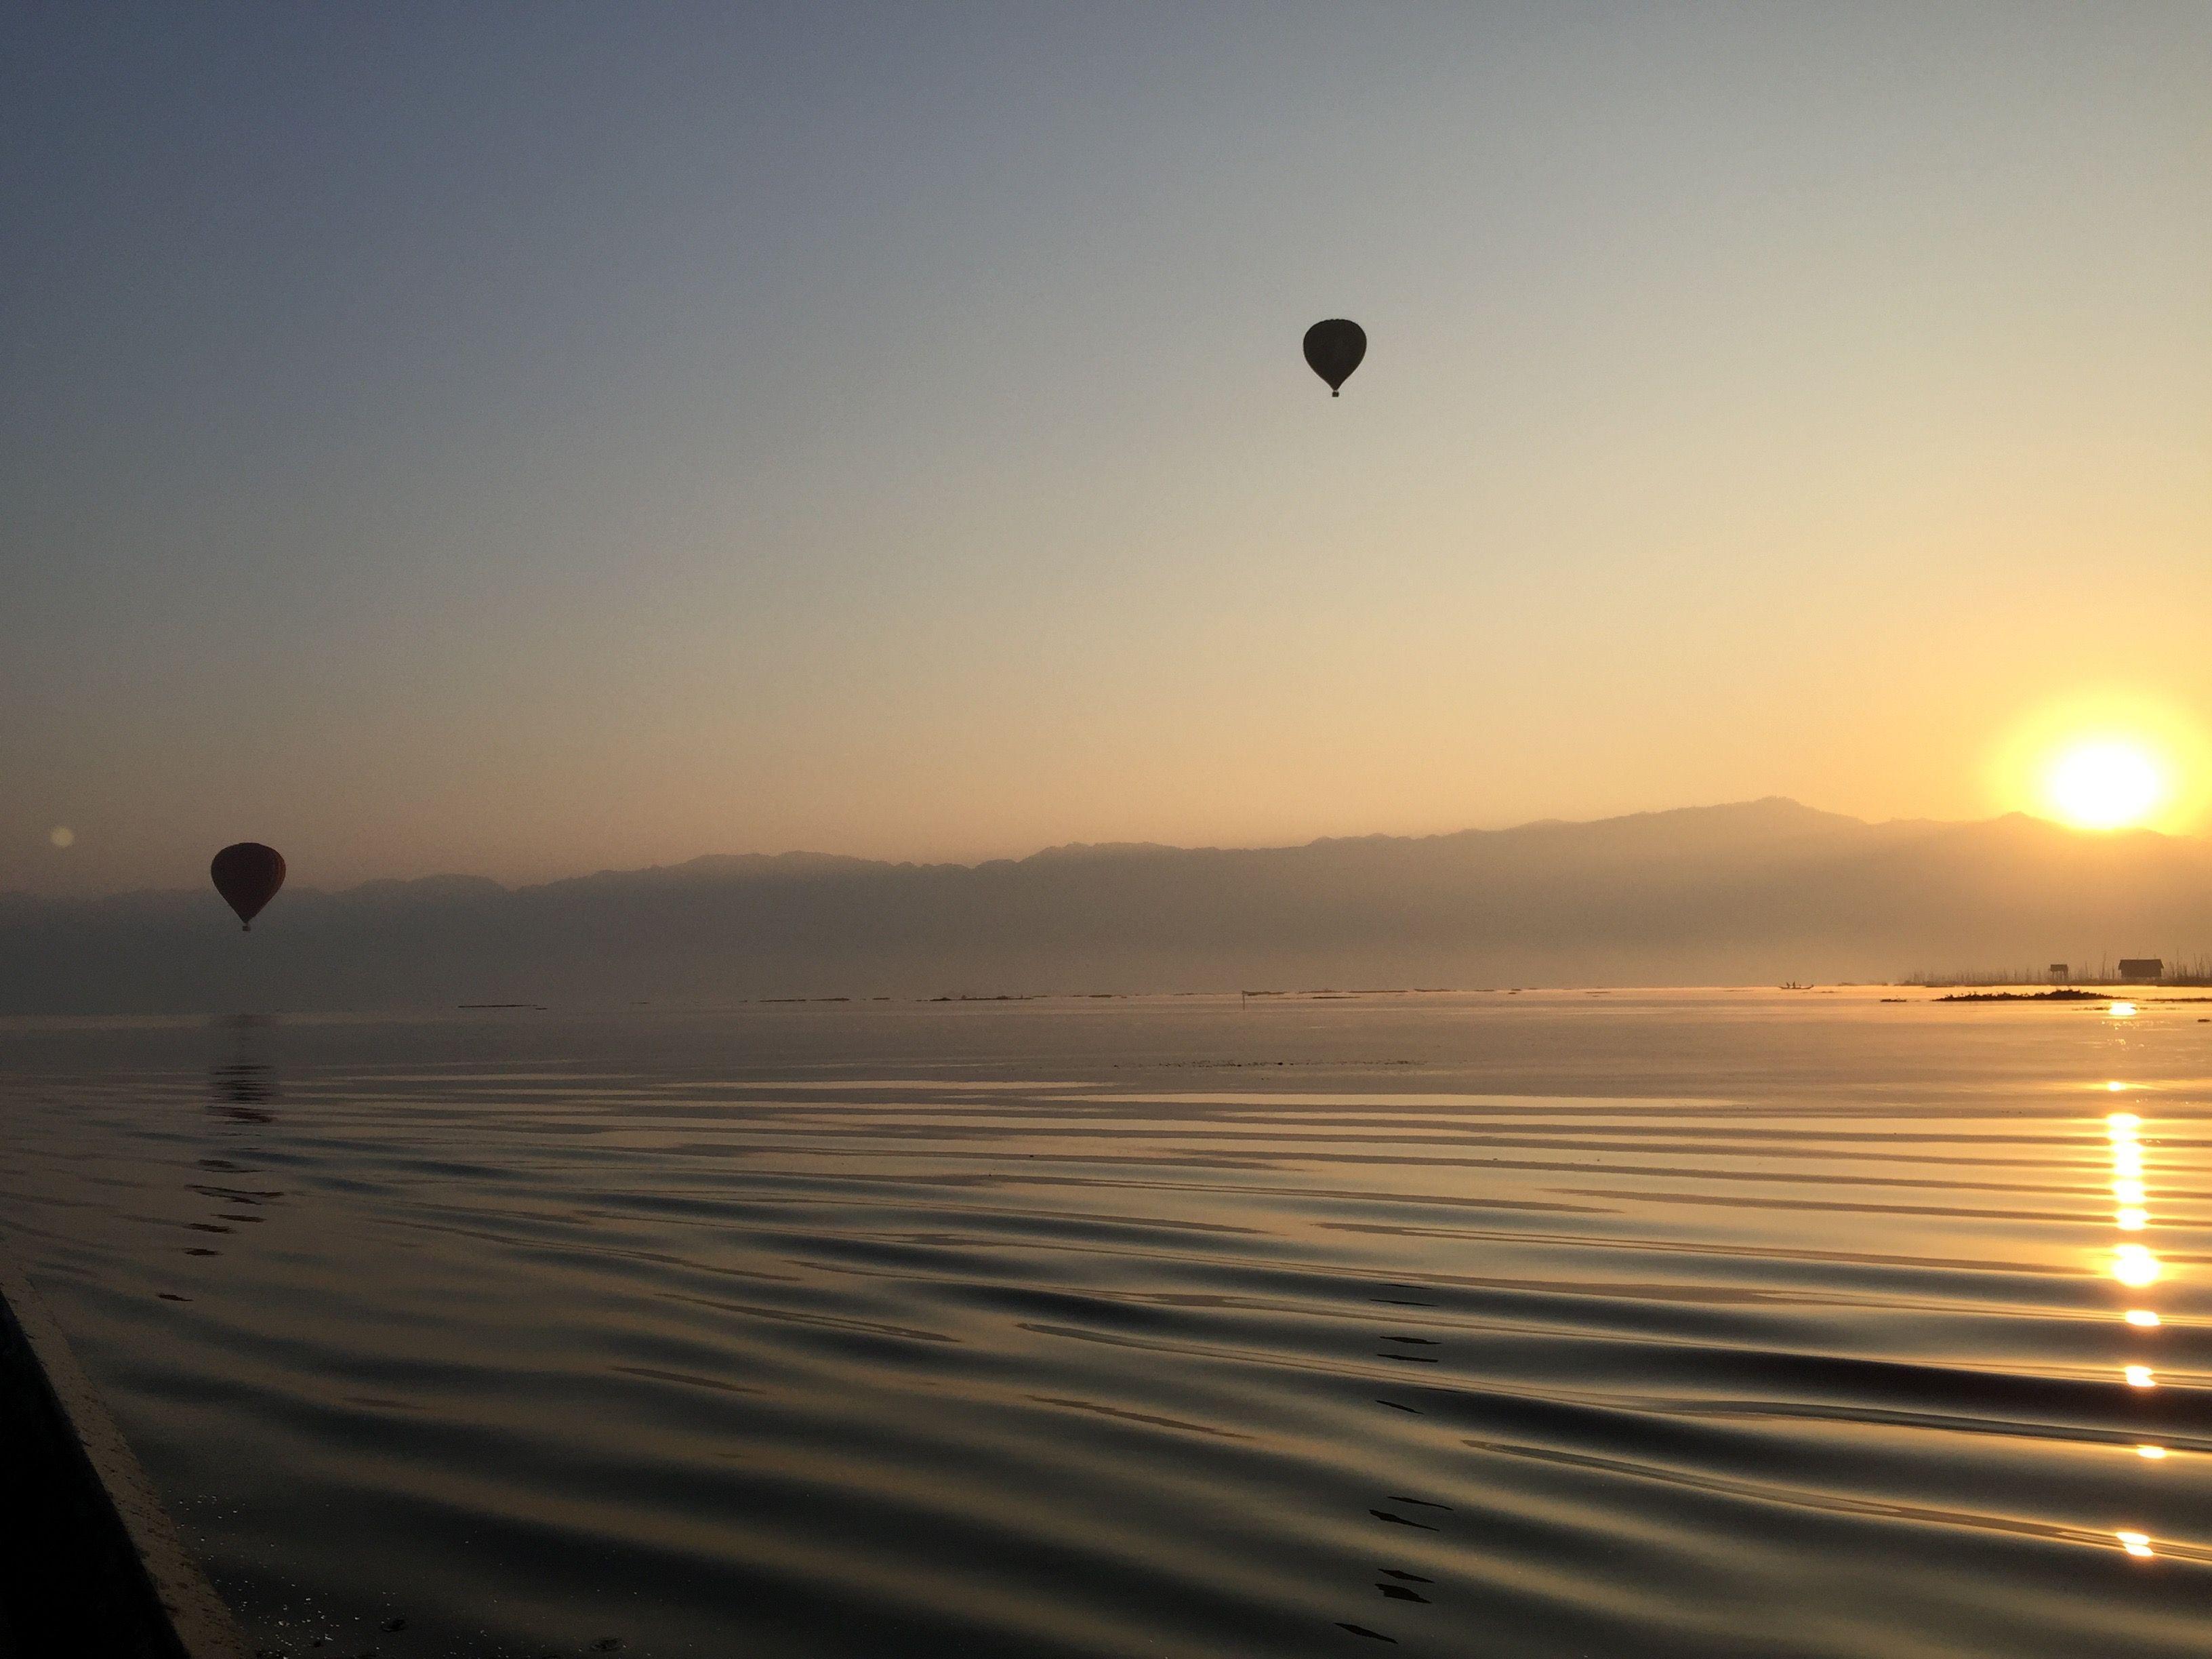 Ballooning in Inle Lake